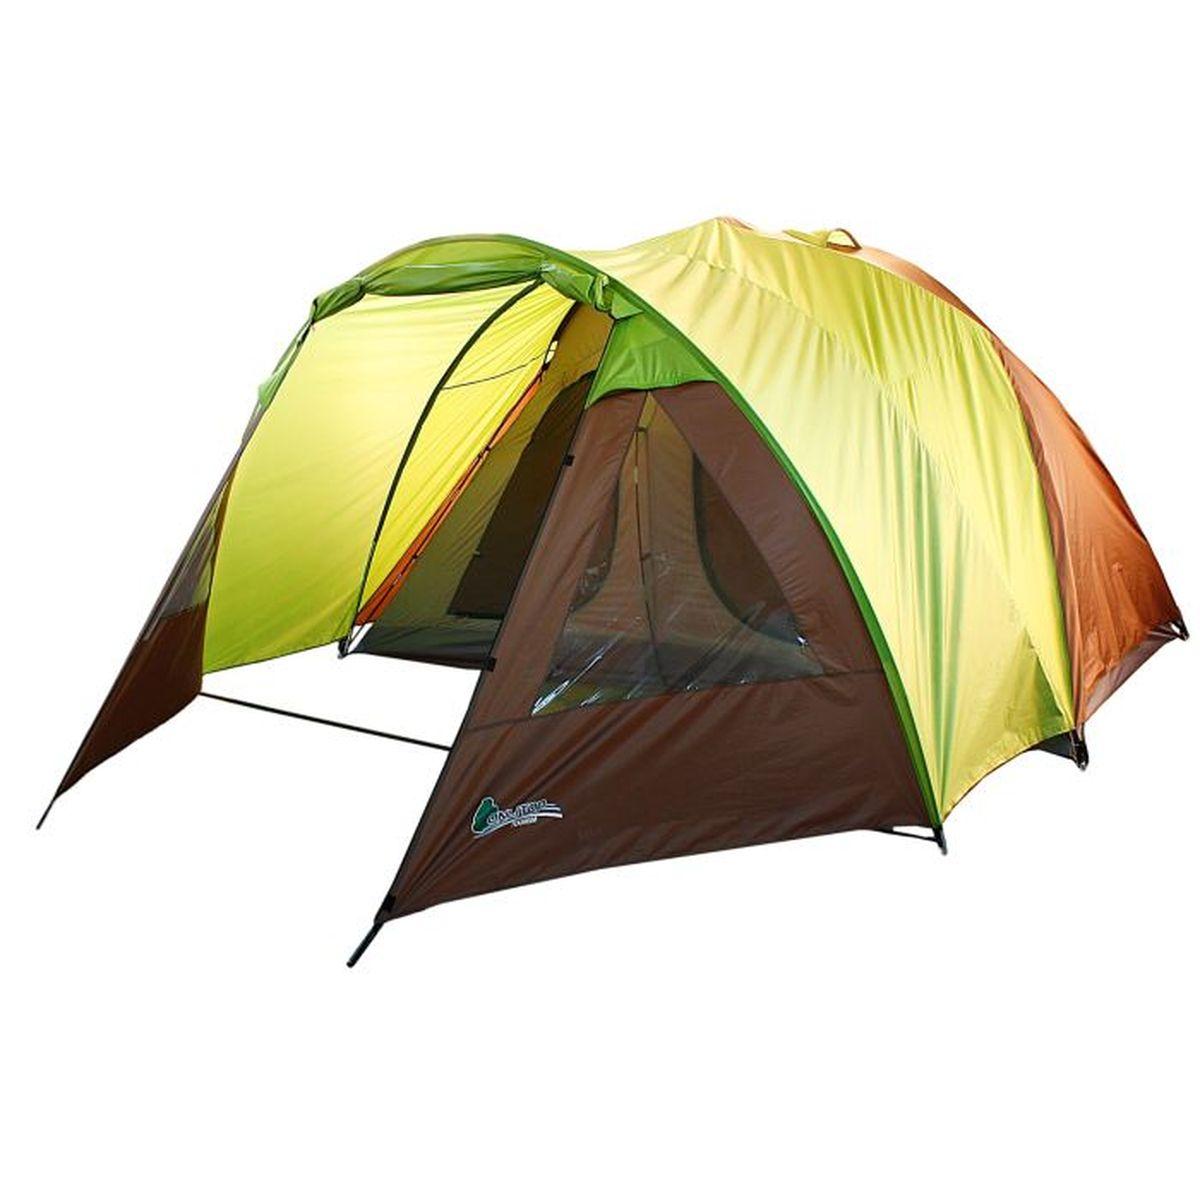 Палатка туристическая Onlitop MINNESOTA 6, цвет: желтый, коричневый - Палатки и тенты